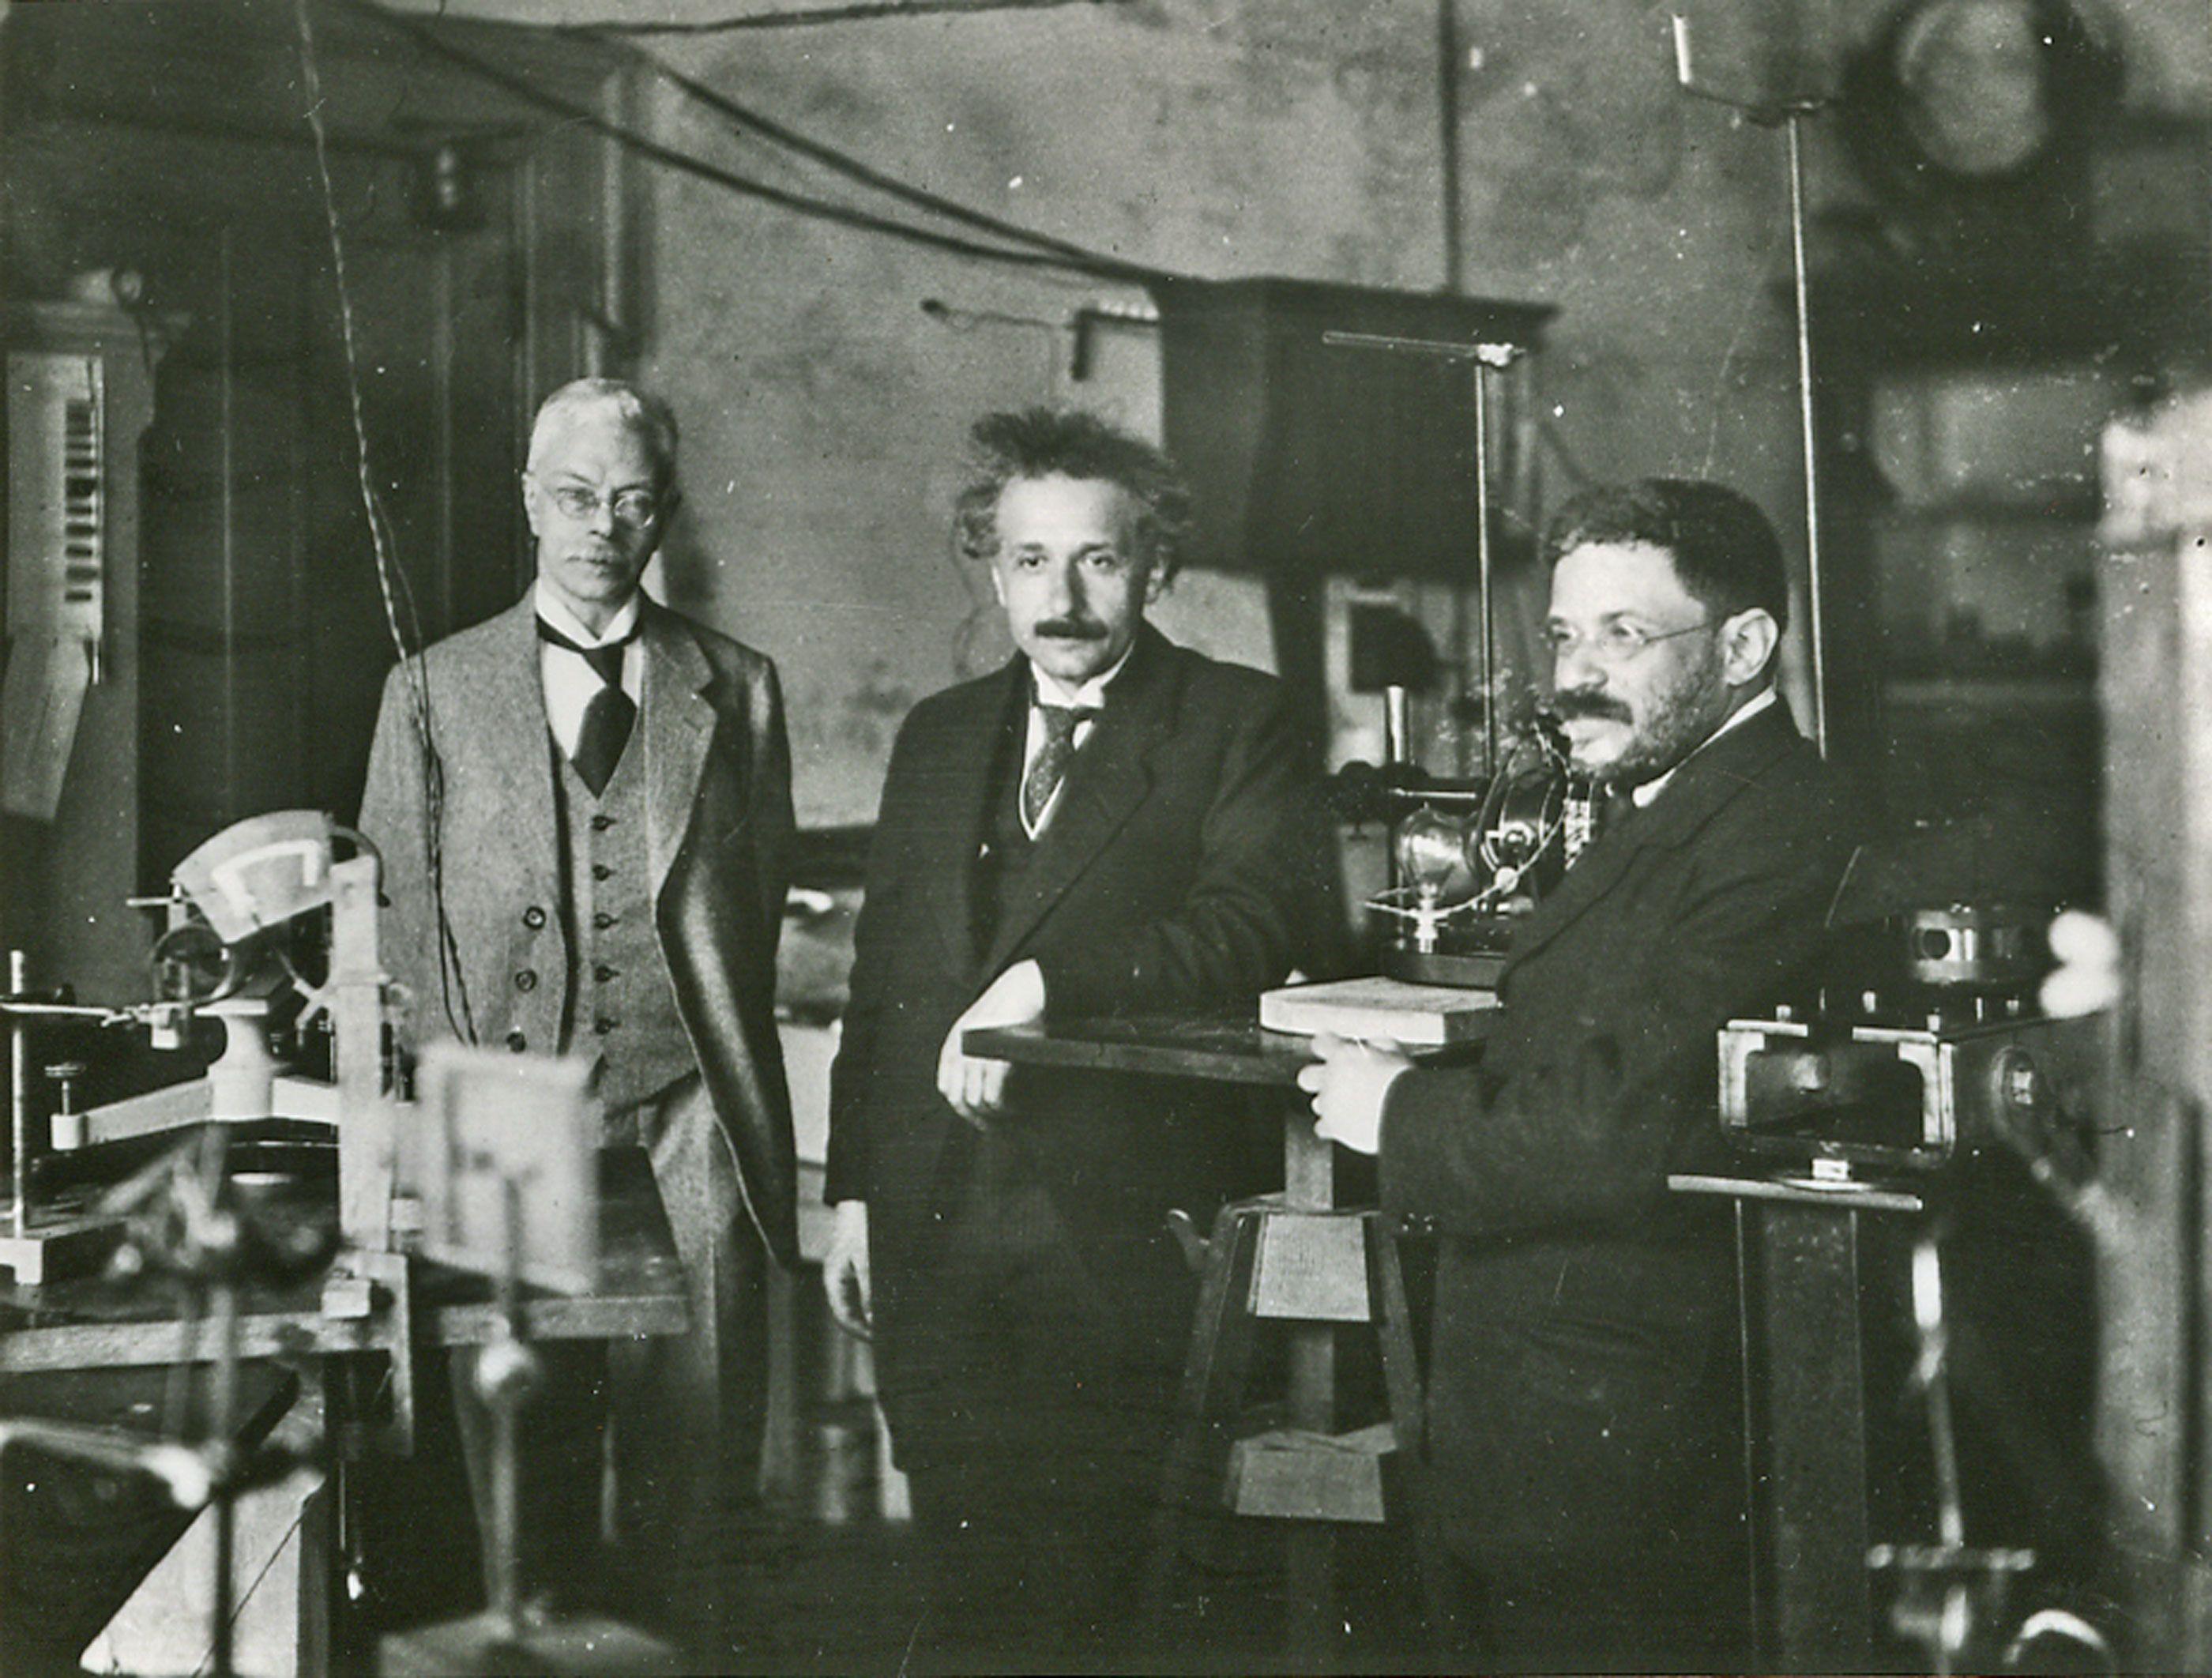 Albert Einstein visiting the lab of Pieter Zeeman in Amsterdam circa 1920.  http:/